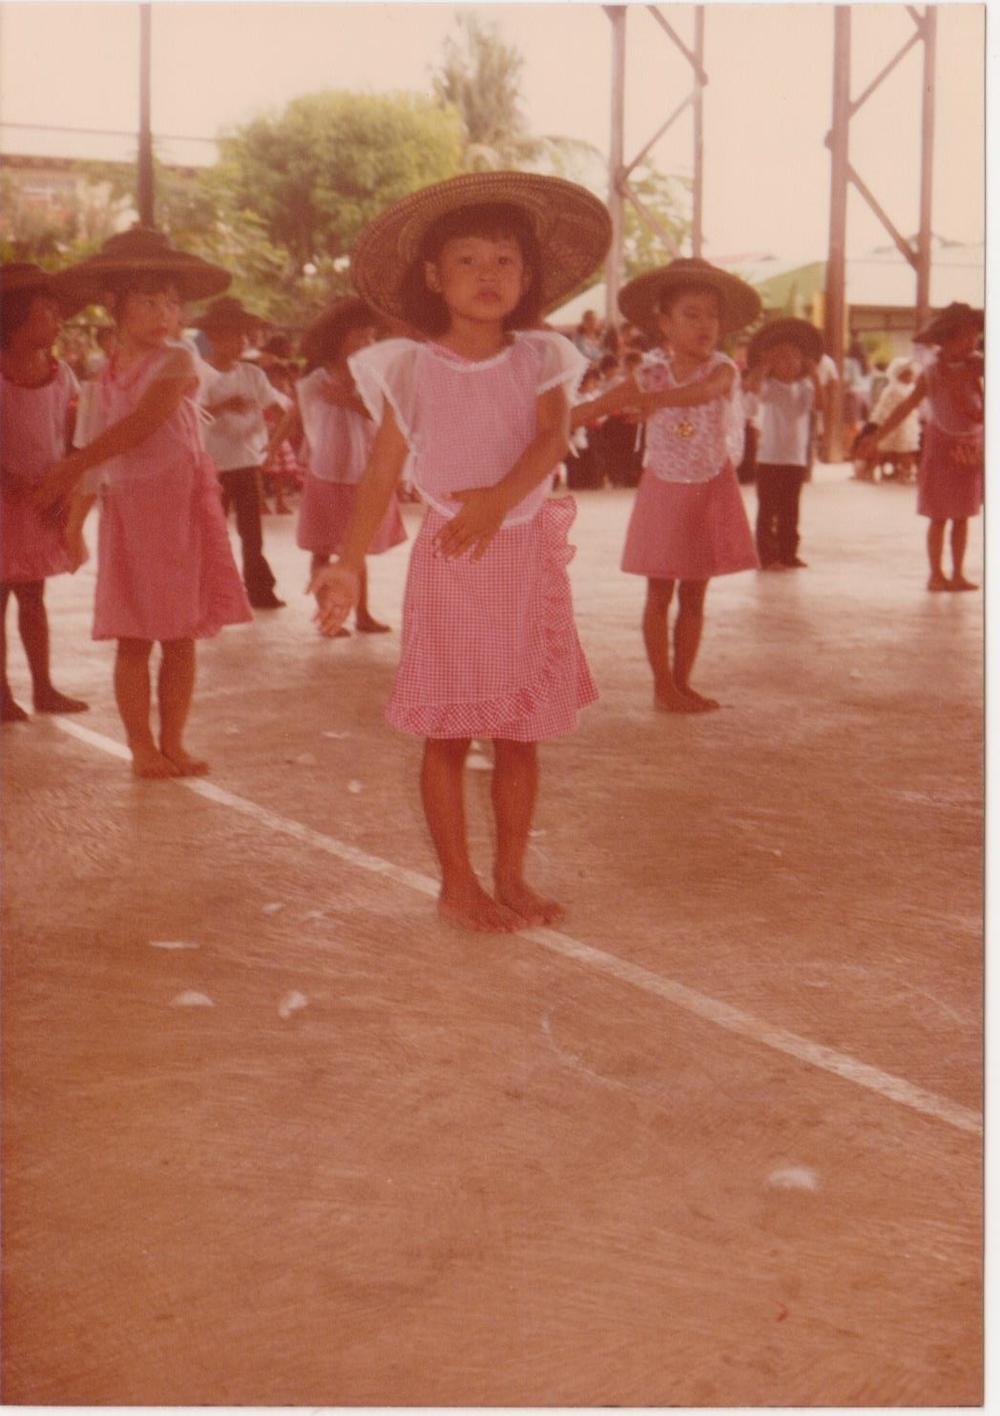 cebu dance 01.jpg